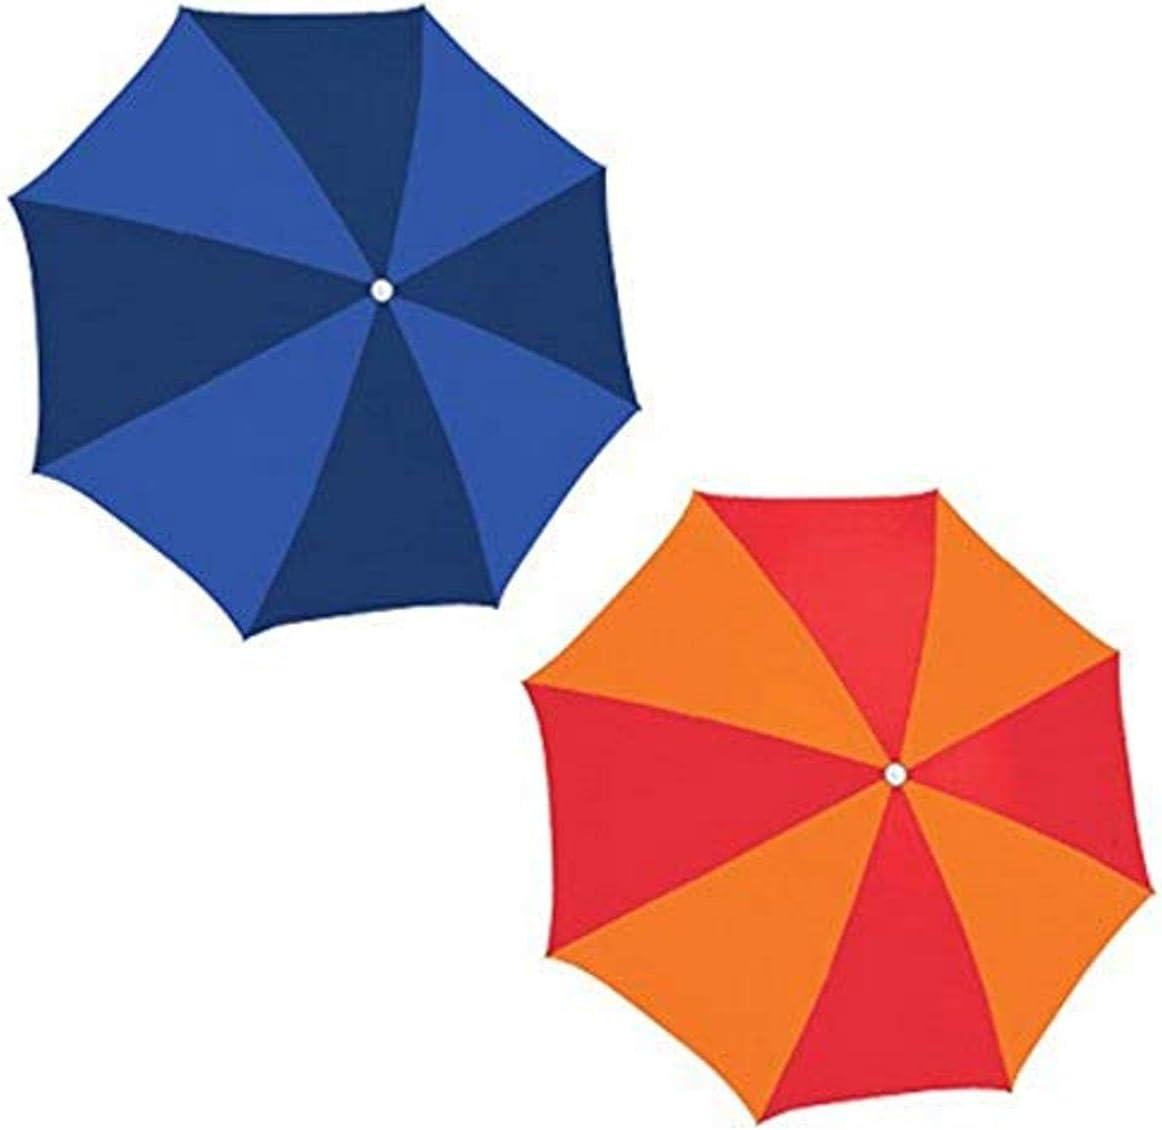 Rio Brands UB884-TS Poly Umbrella, 6-Feet, Assorted